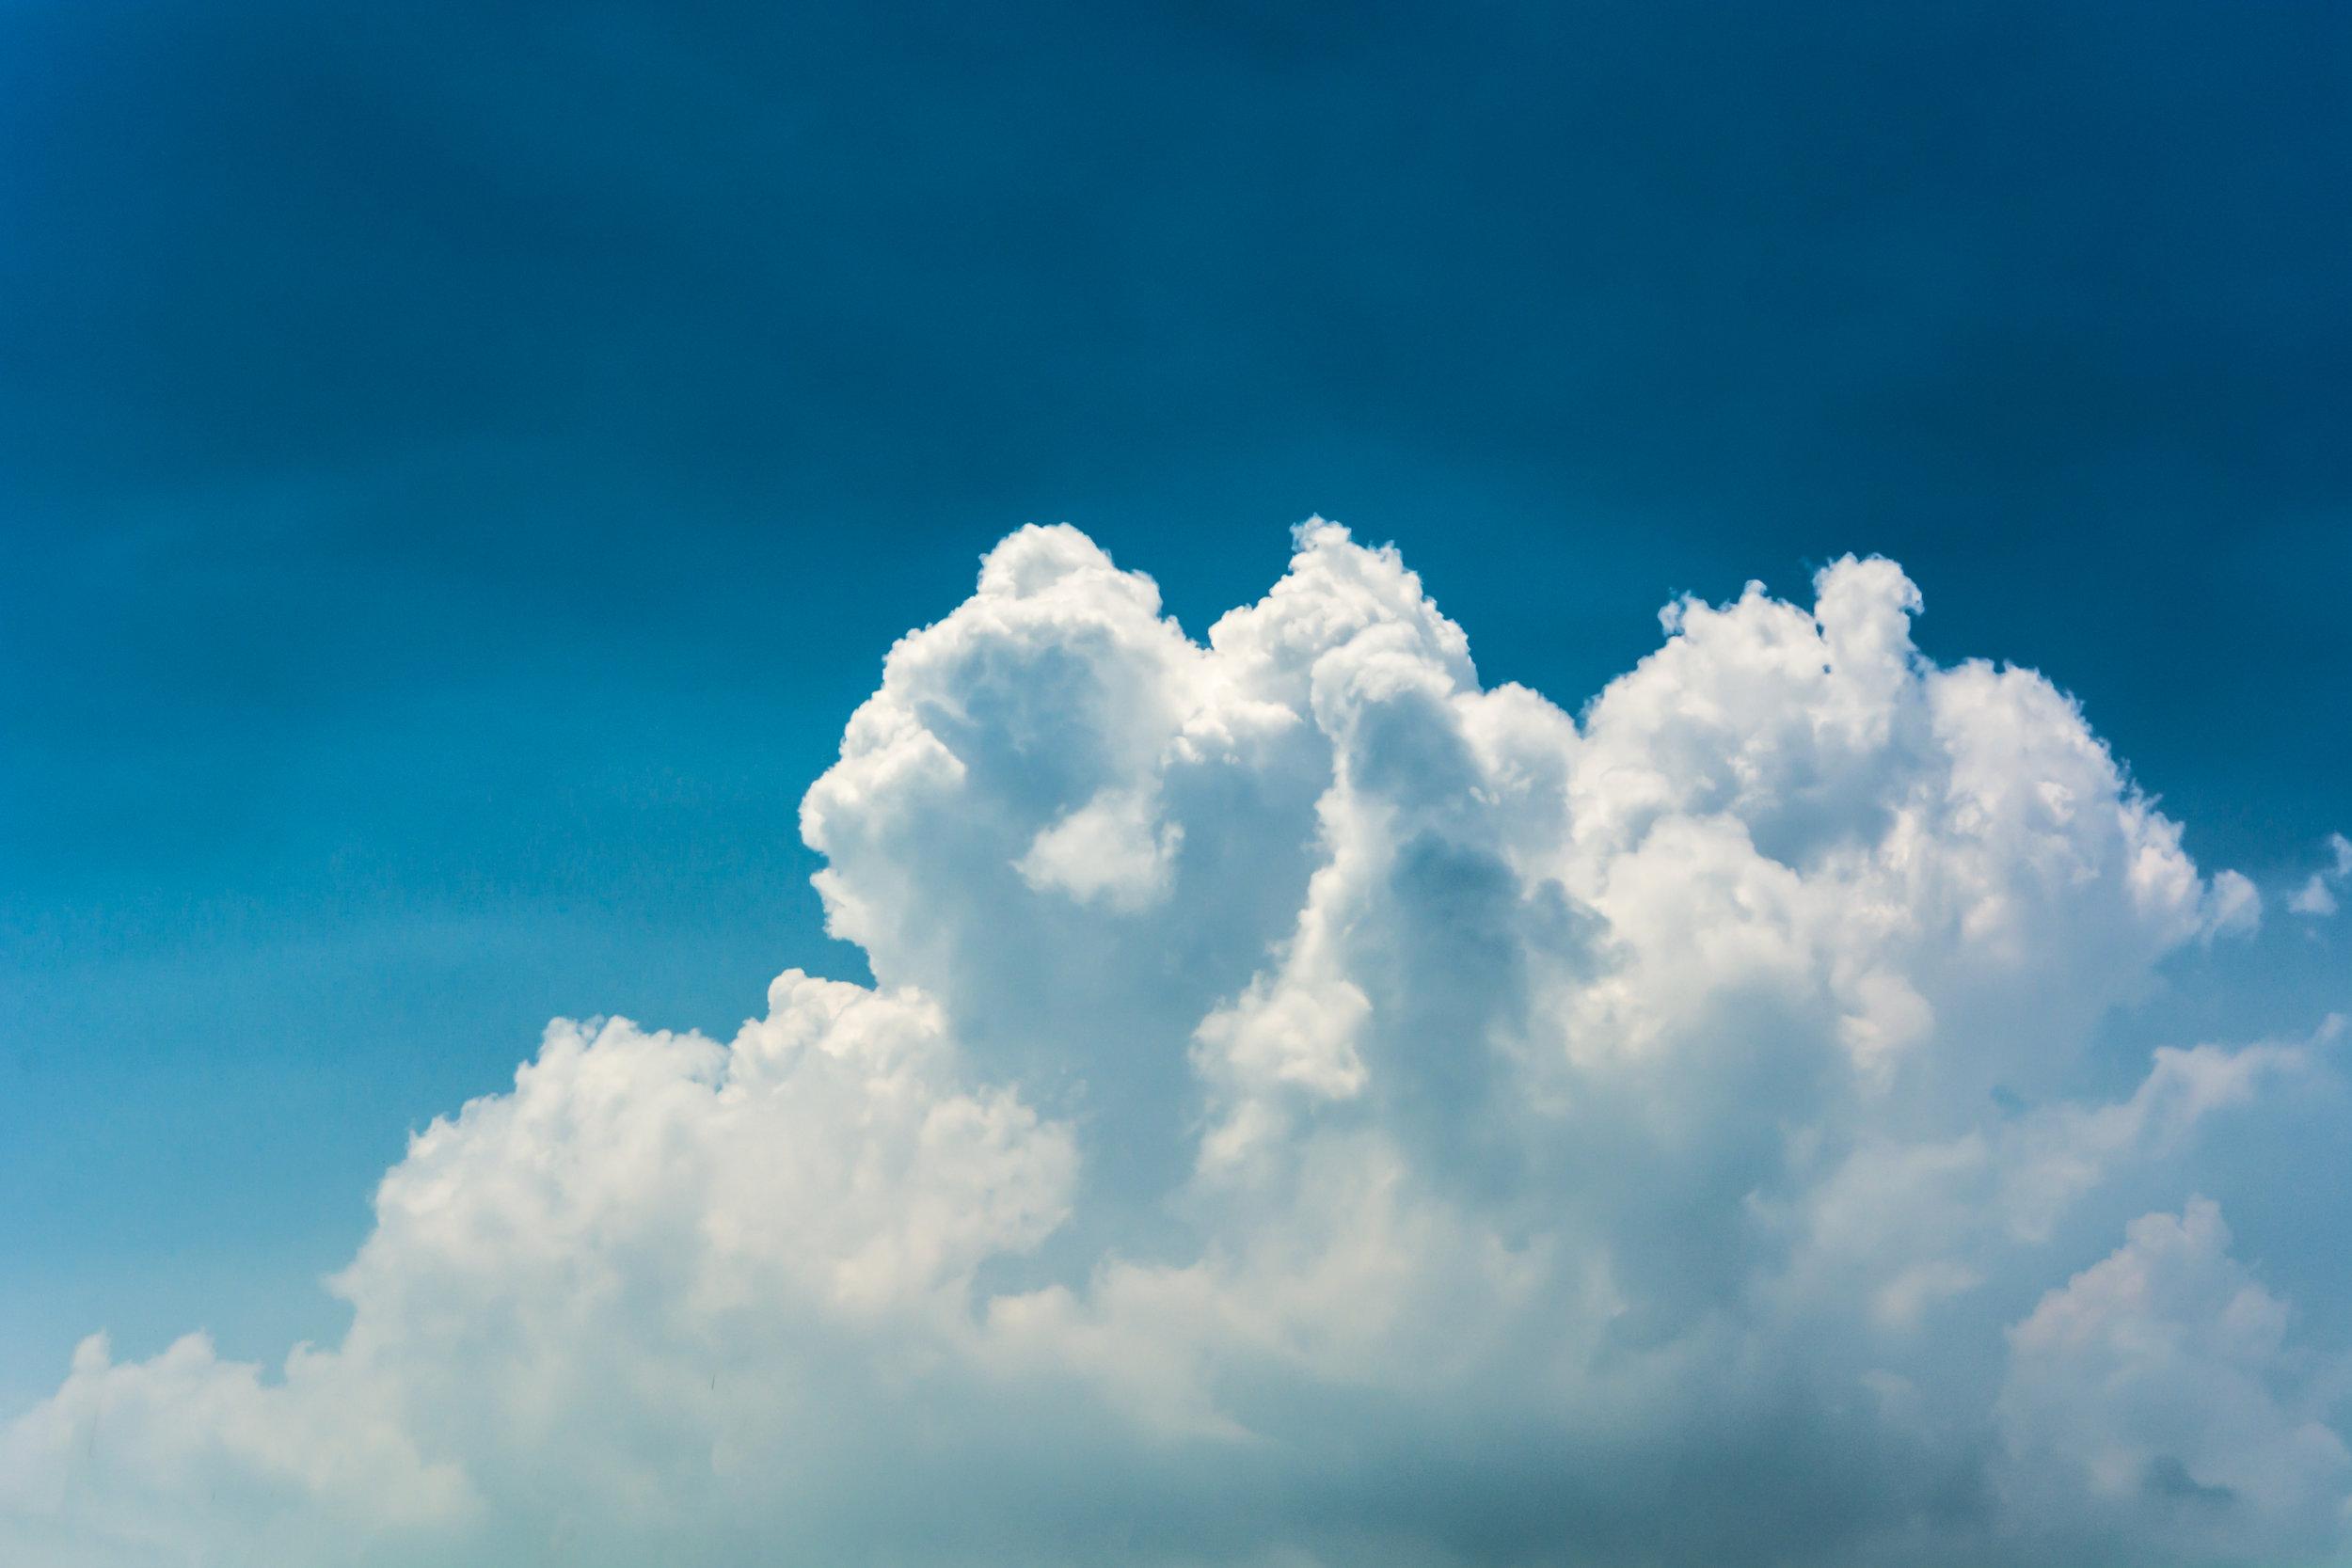 méditation - La méditation a pour but d'éveiller en nous la nature semblable au ciel de notre esprit.